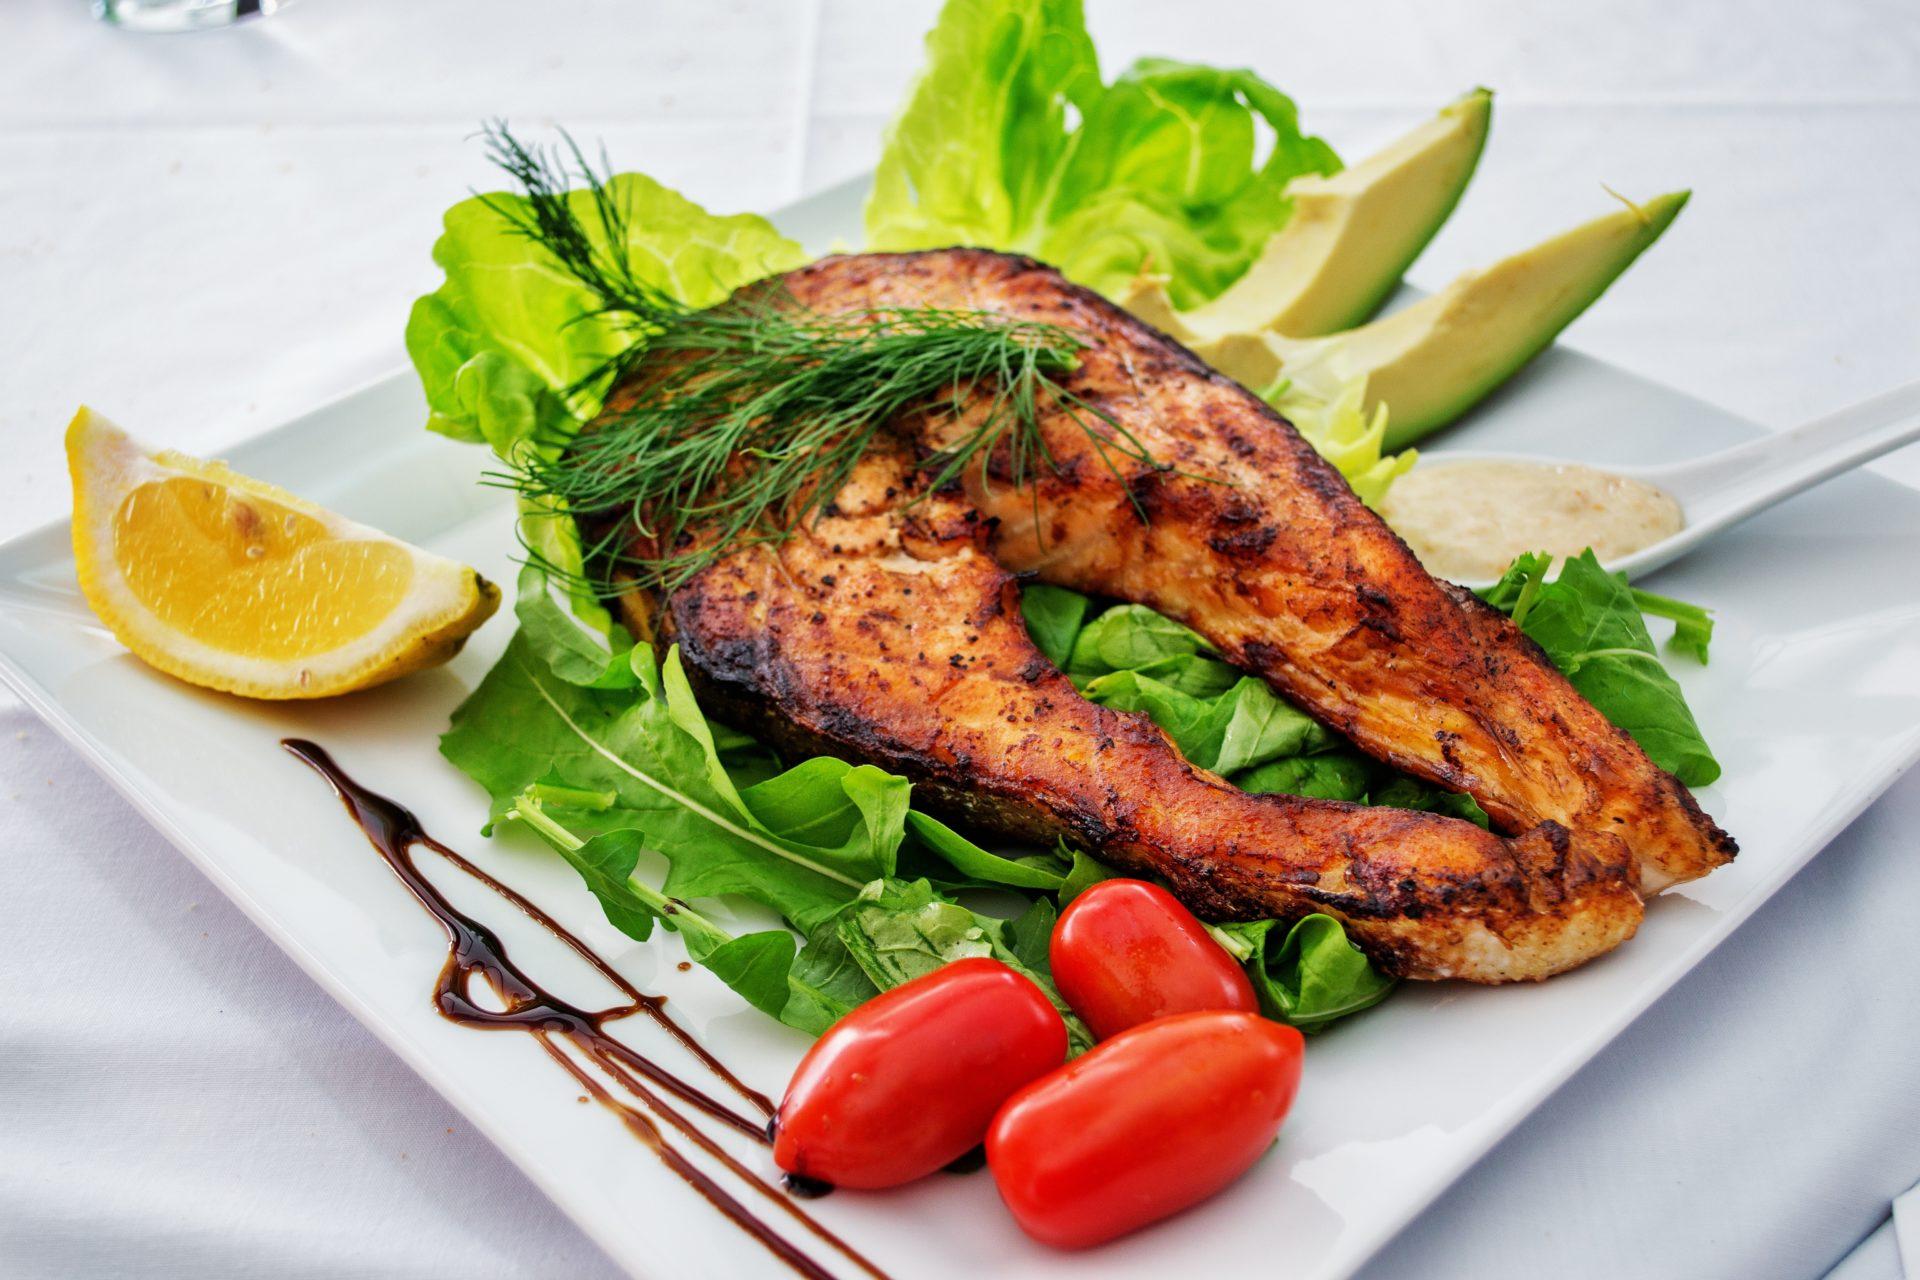 ETNT: Нехватка жирной рыбы сокращает жизнь сильнее курения